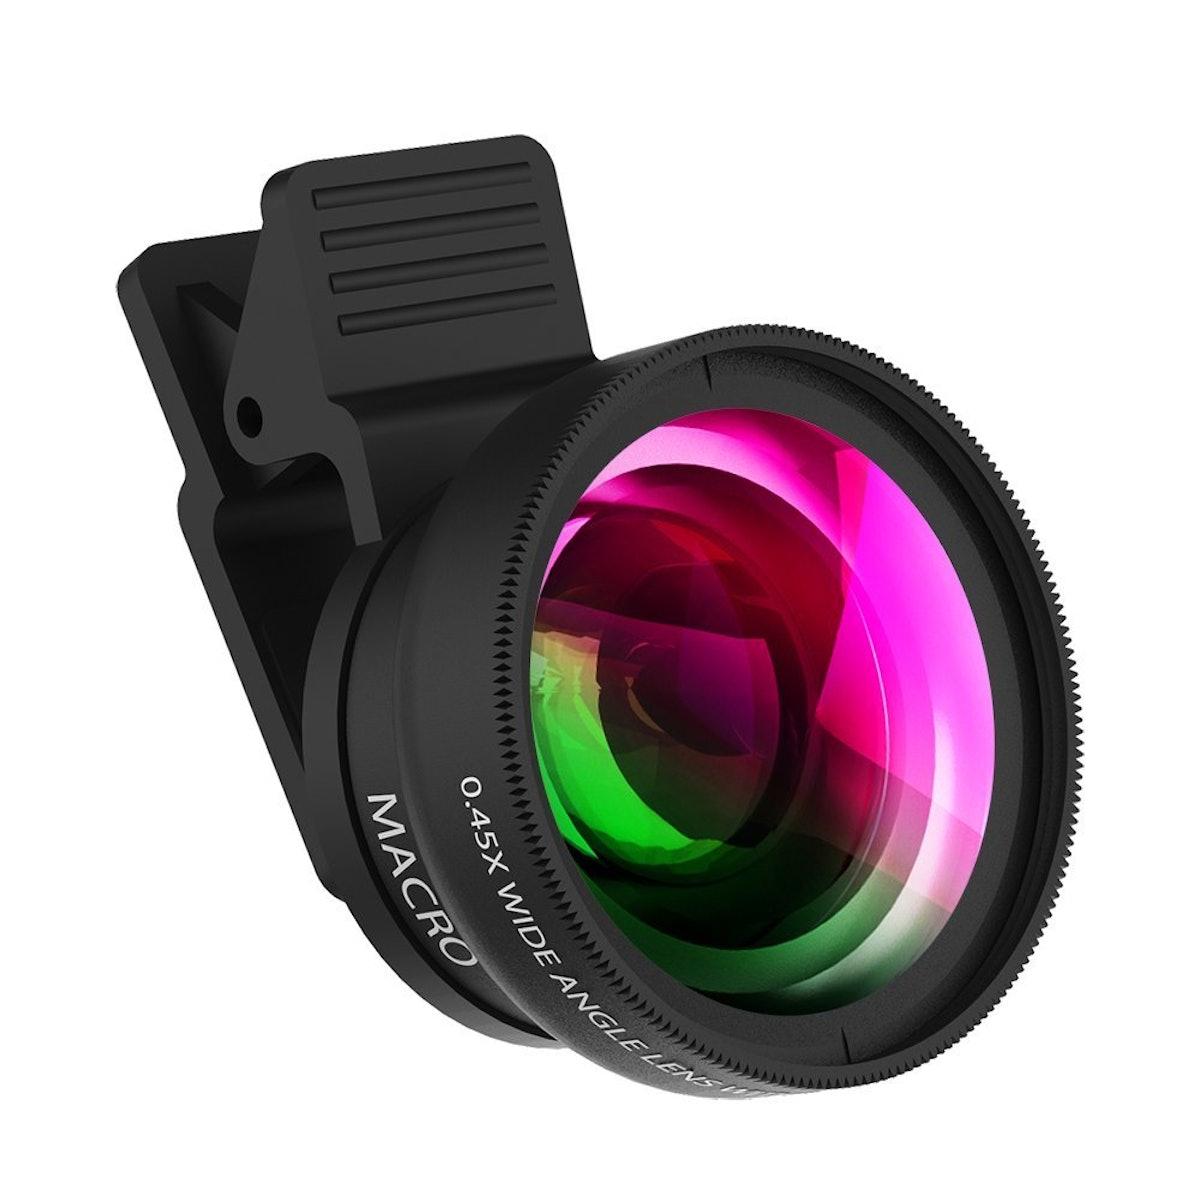 ZPTONE 2-in-1 Clip-on Lens Kit